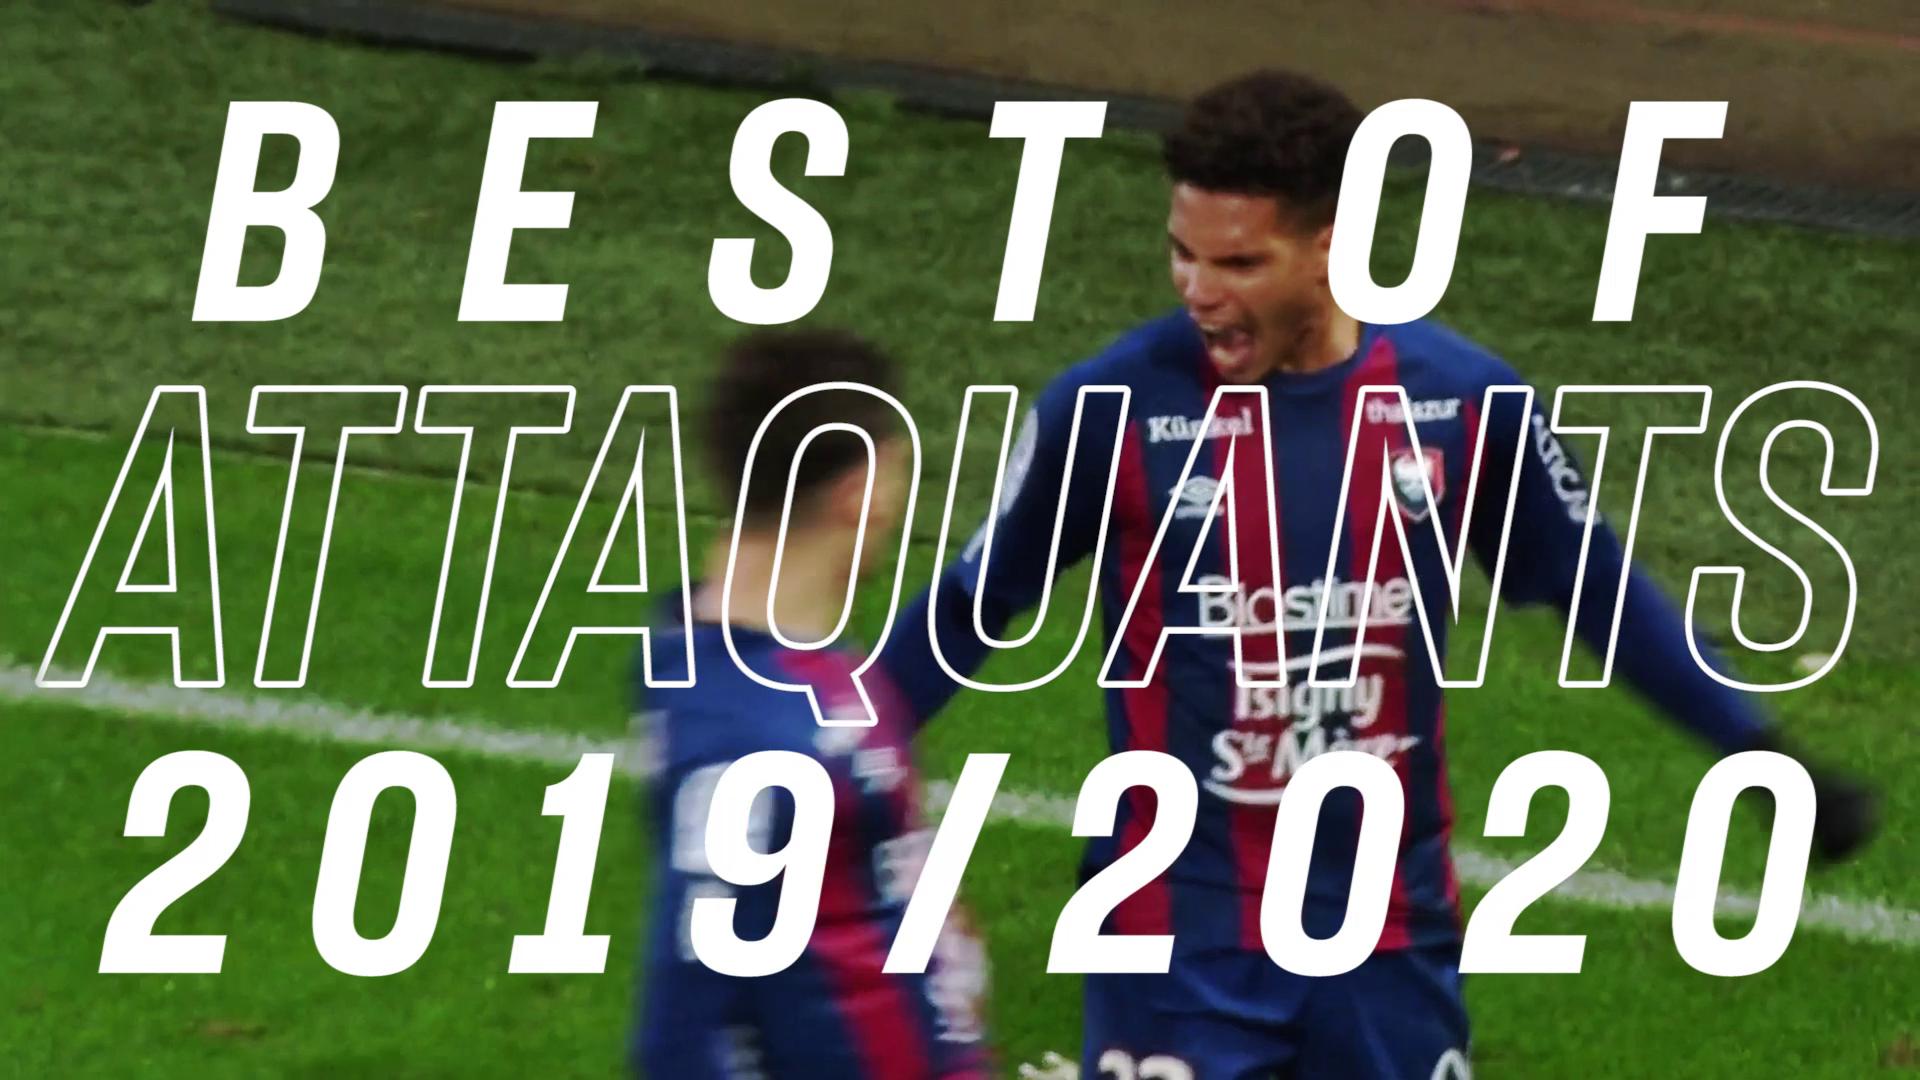 Le best of des attaquants du SMCaen saison 2019/2020